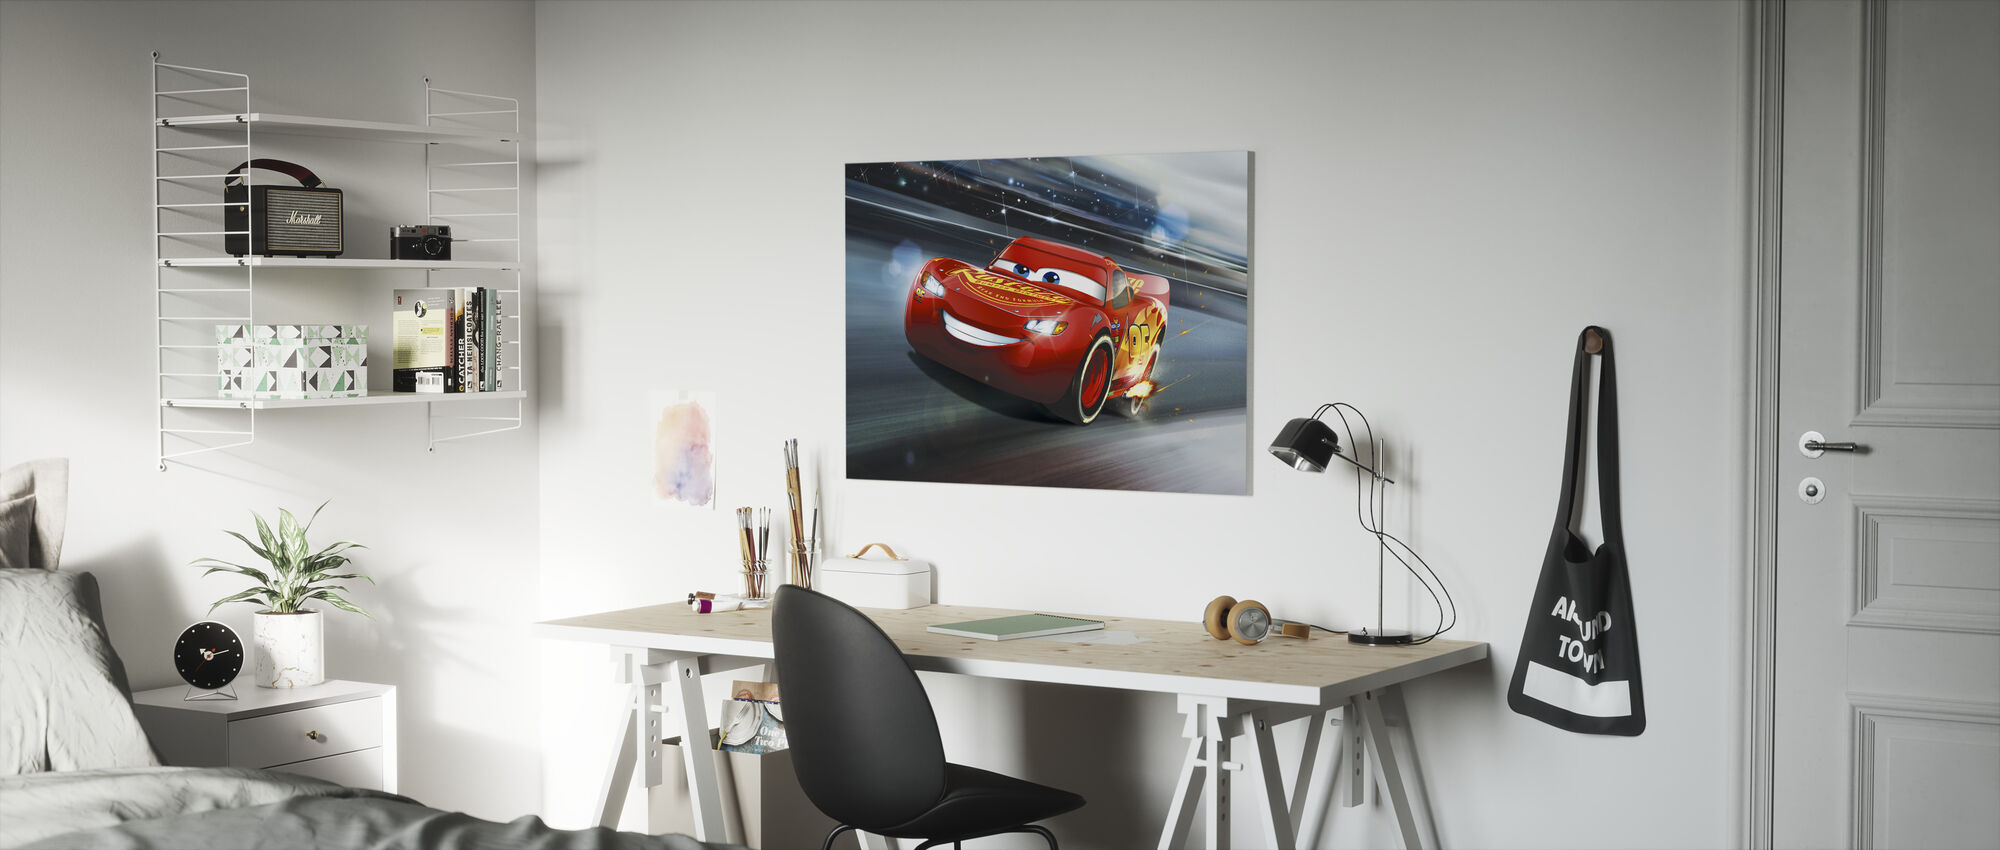 Autot 3 - Salama McQueen - Raidan legenda - Canvastaulu - Lastenhuone